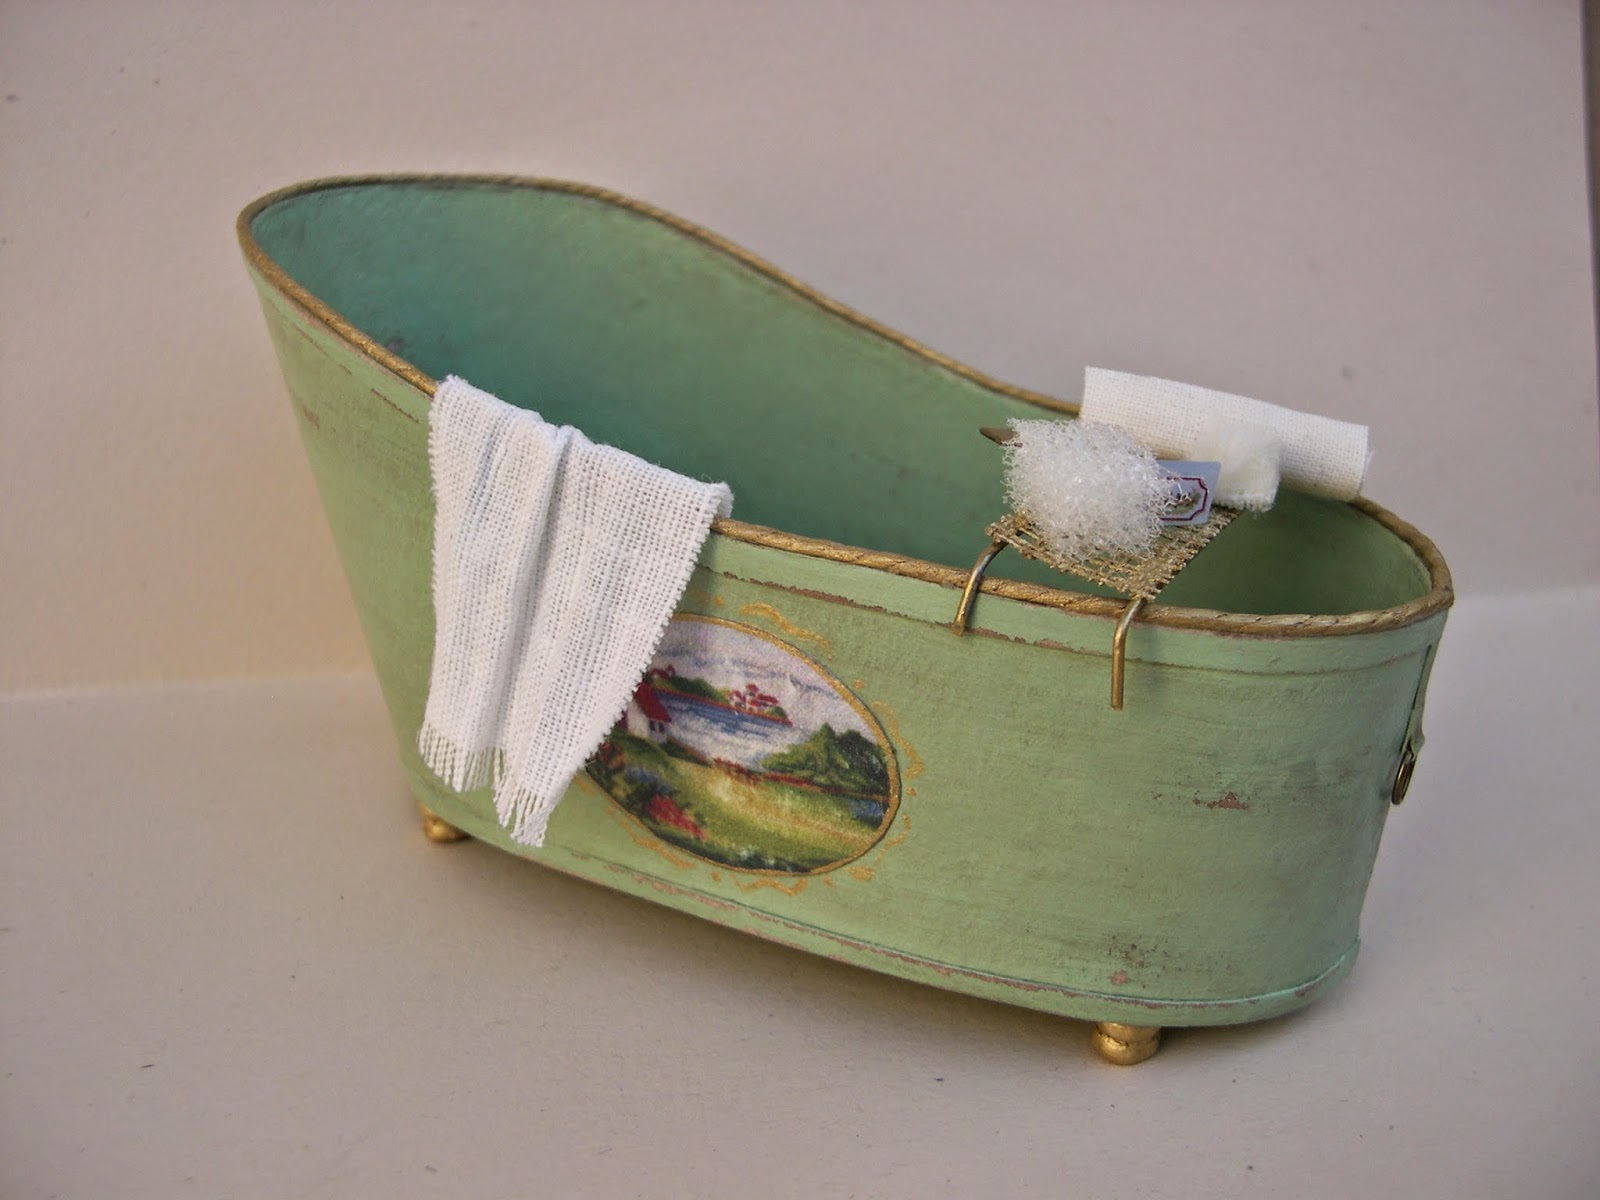 Mis rincones en miniatura muebles y complementos para el ba o - Complementos de bano ...